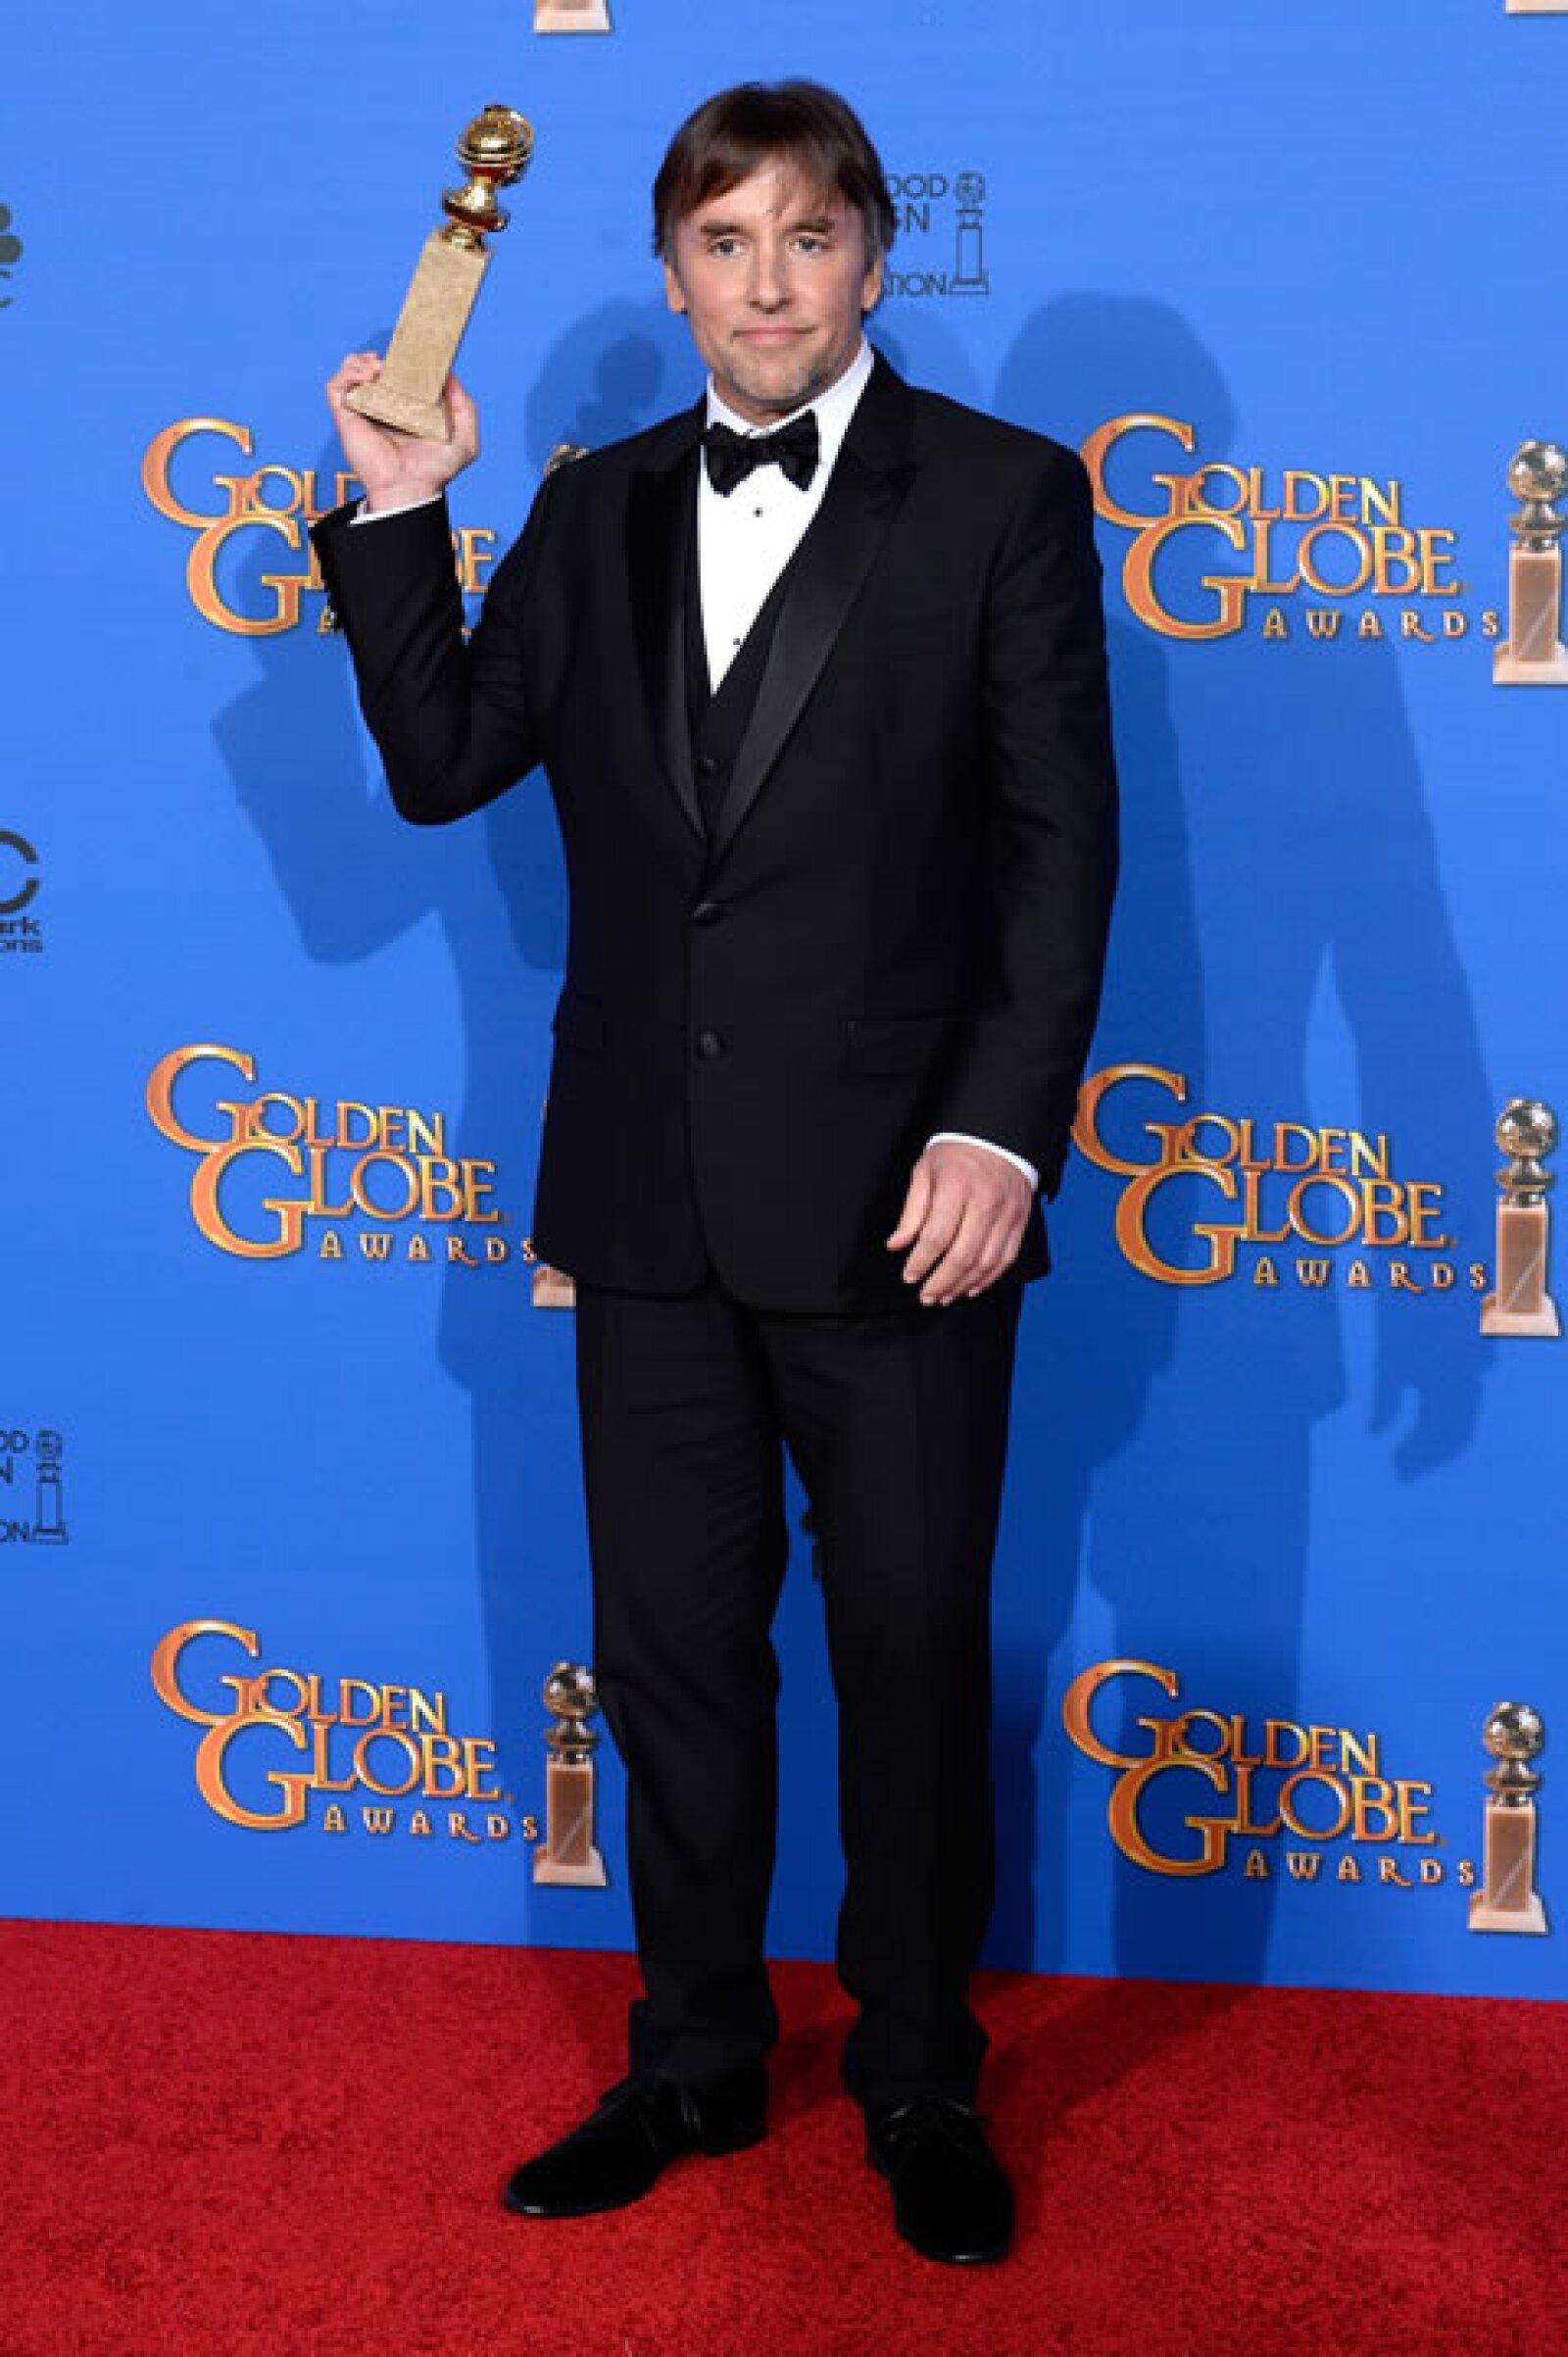 El Mejor director fue Richard Linklater por la película Boyhood.